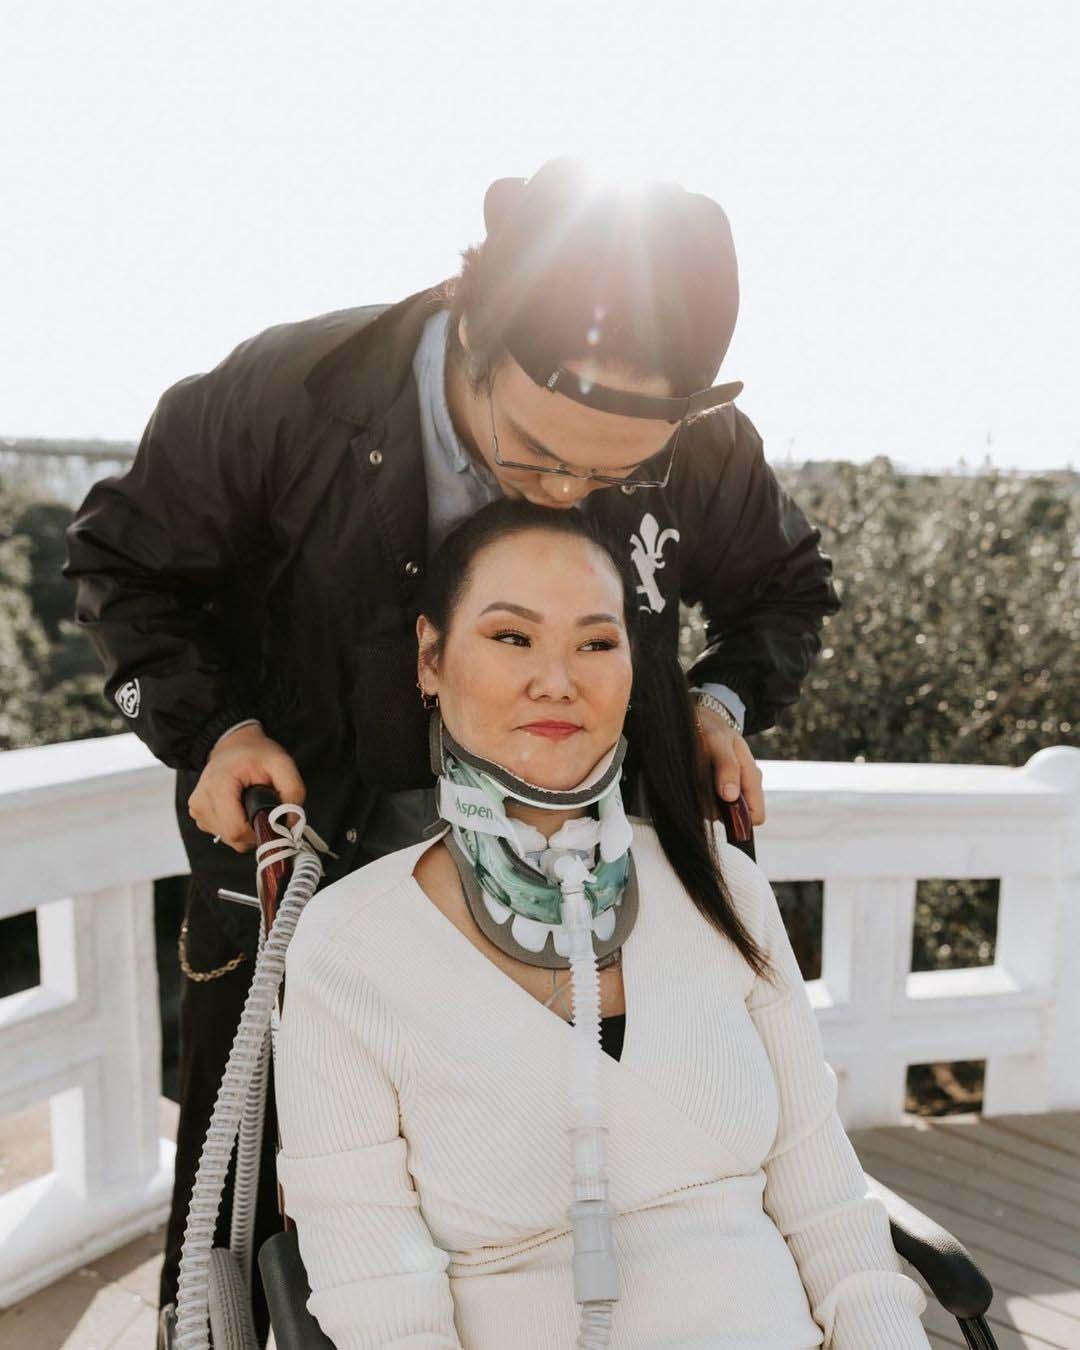 filho beija mãe testa sentada cadeira de rodas